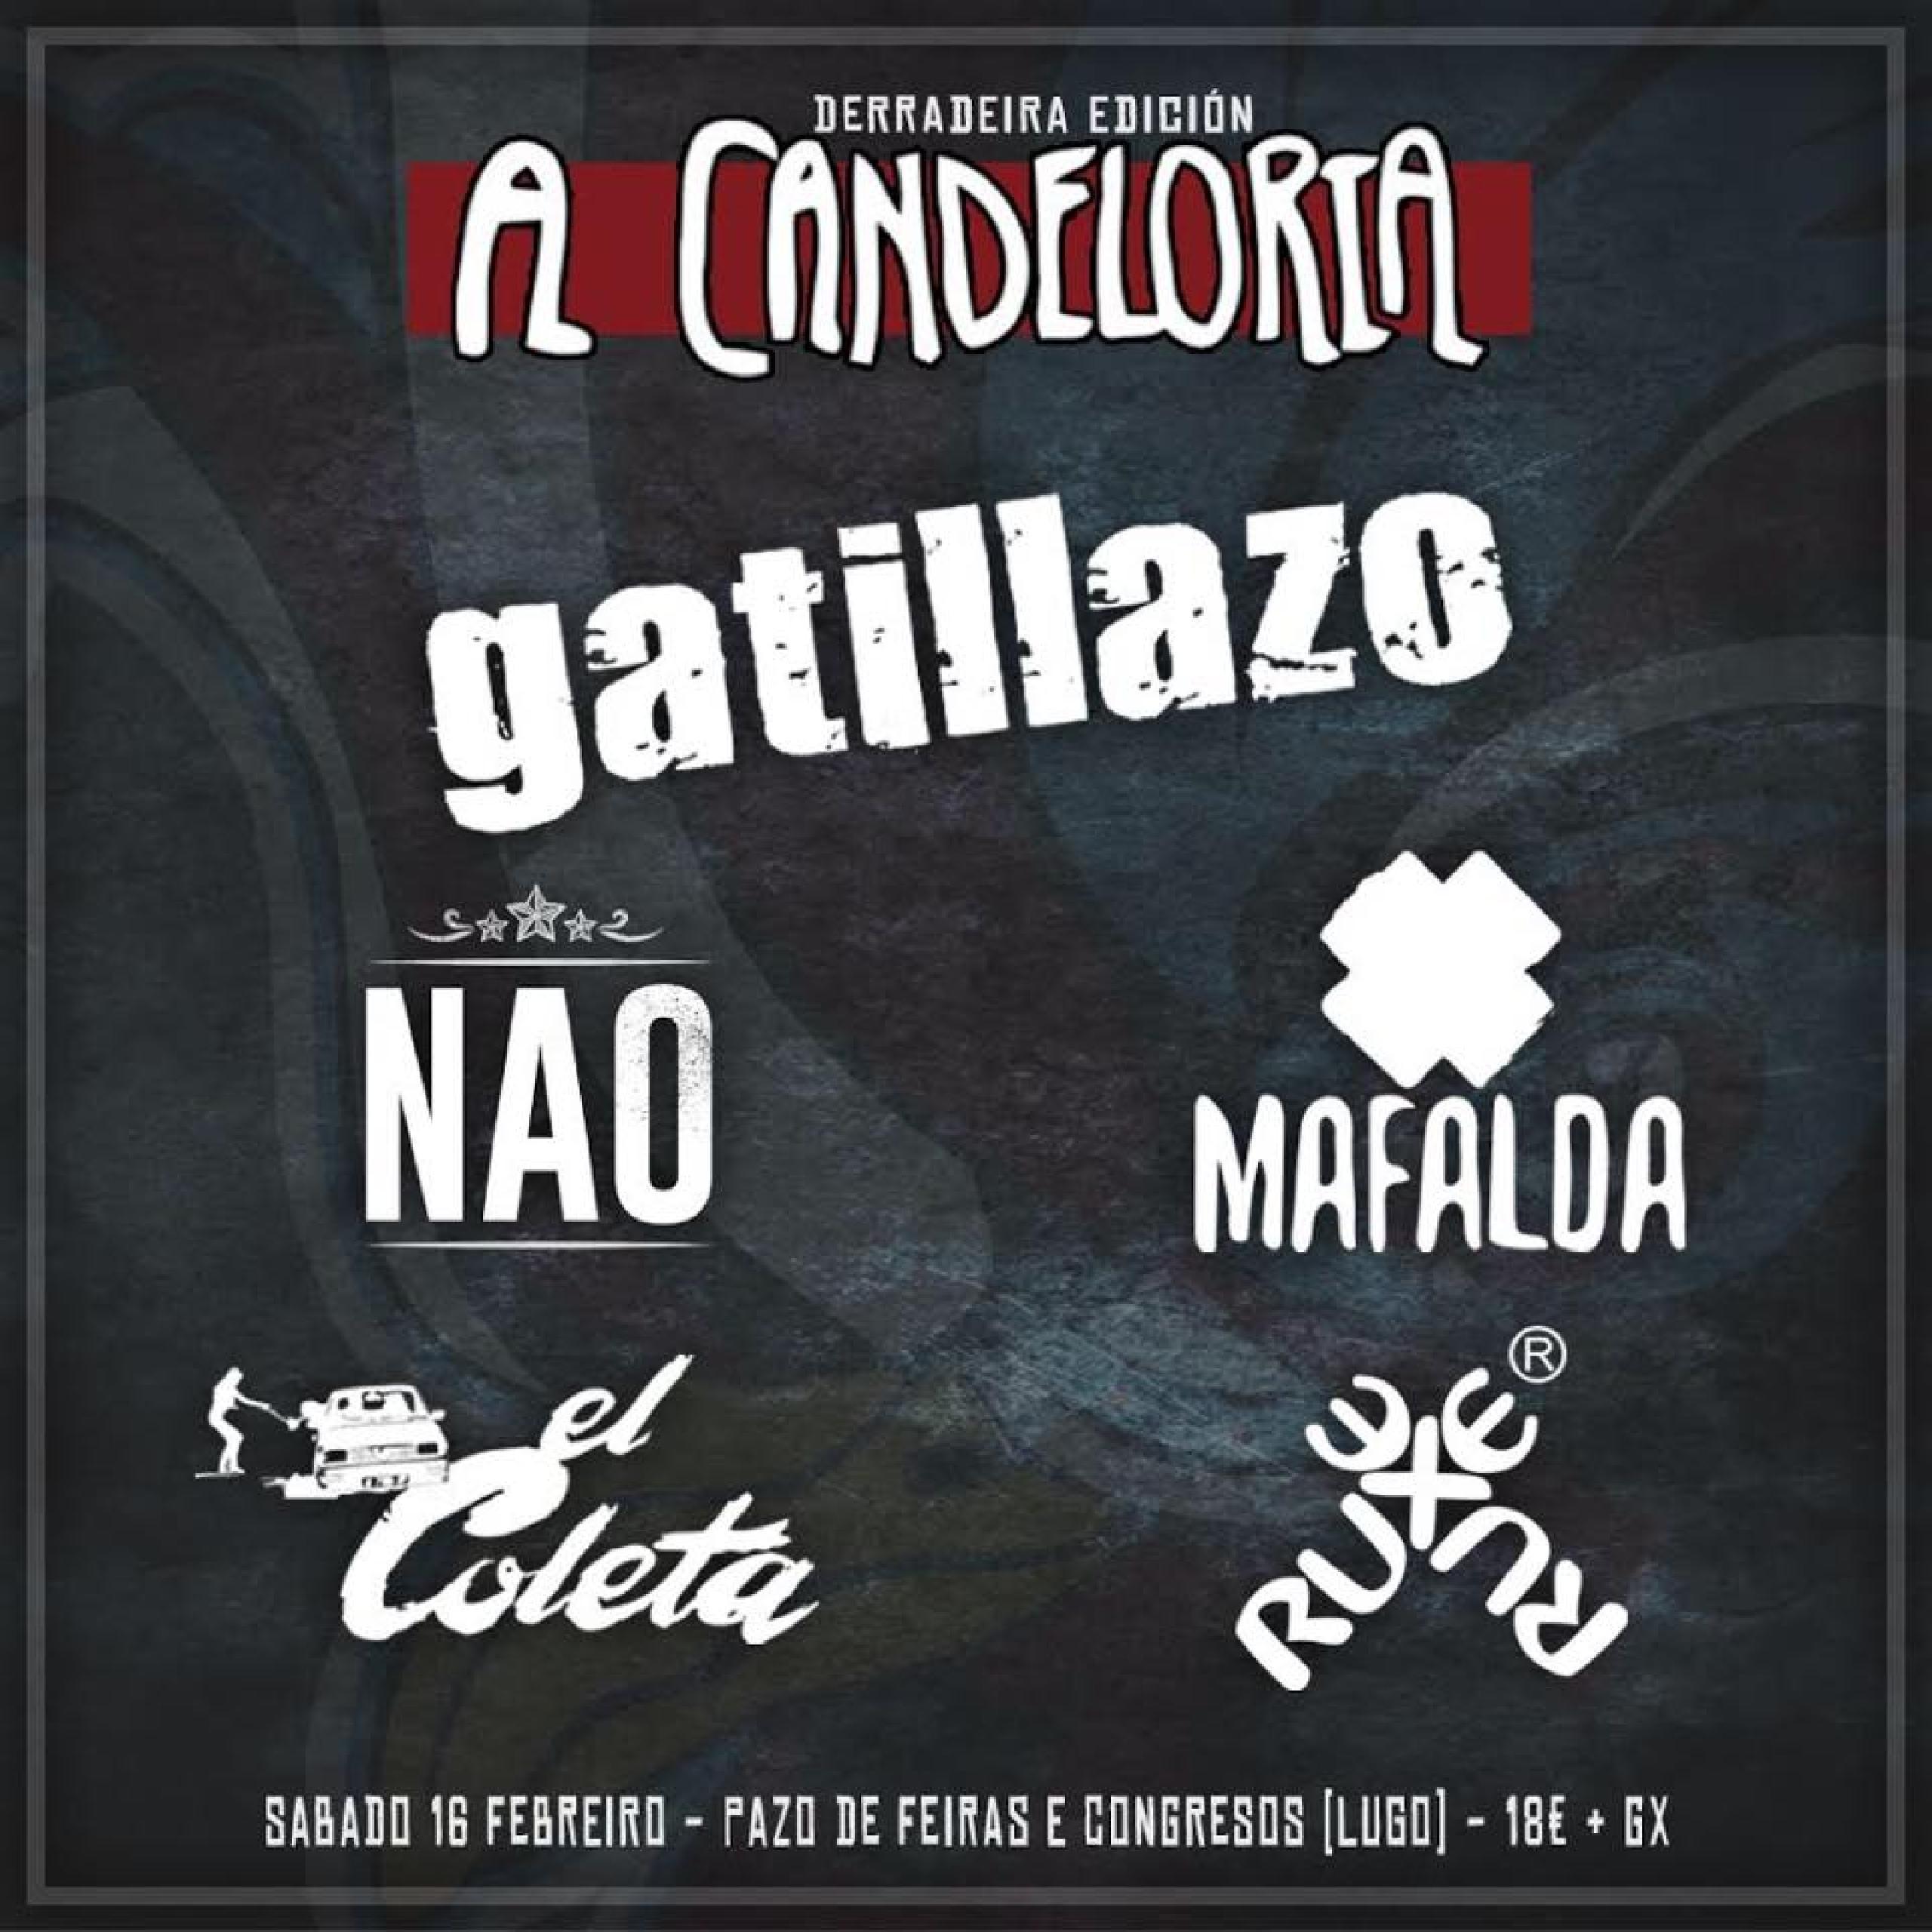 Cartel primeras confirmaciones A Candeloria 2019